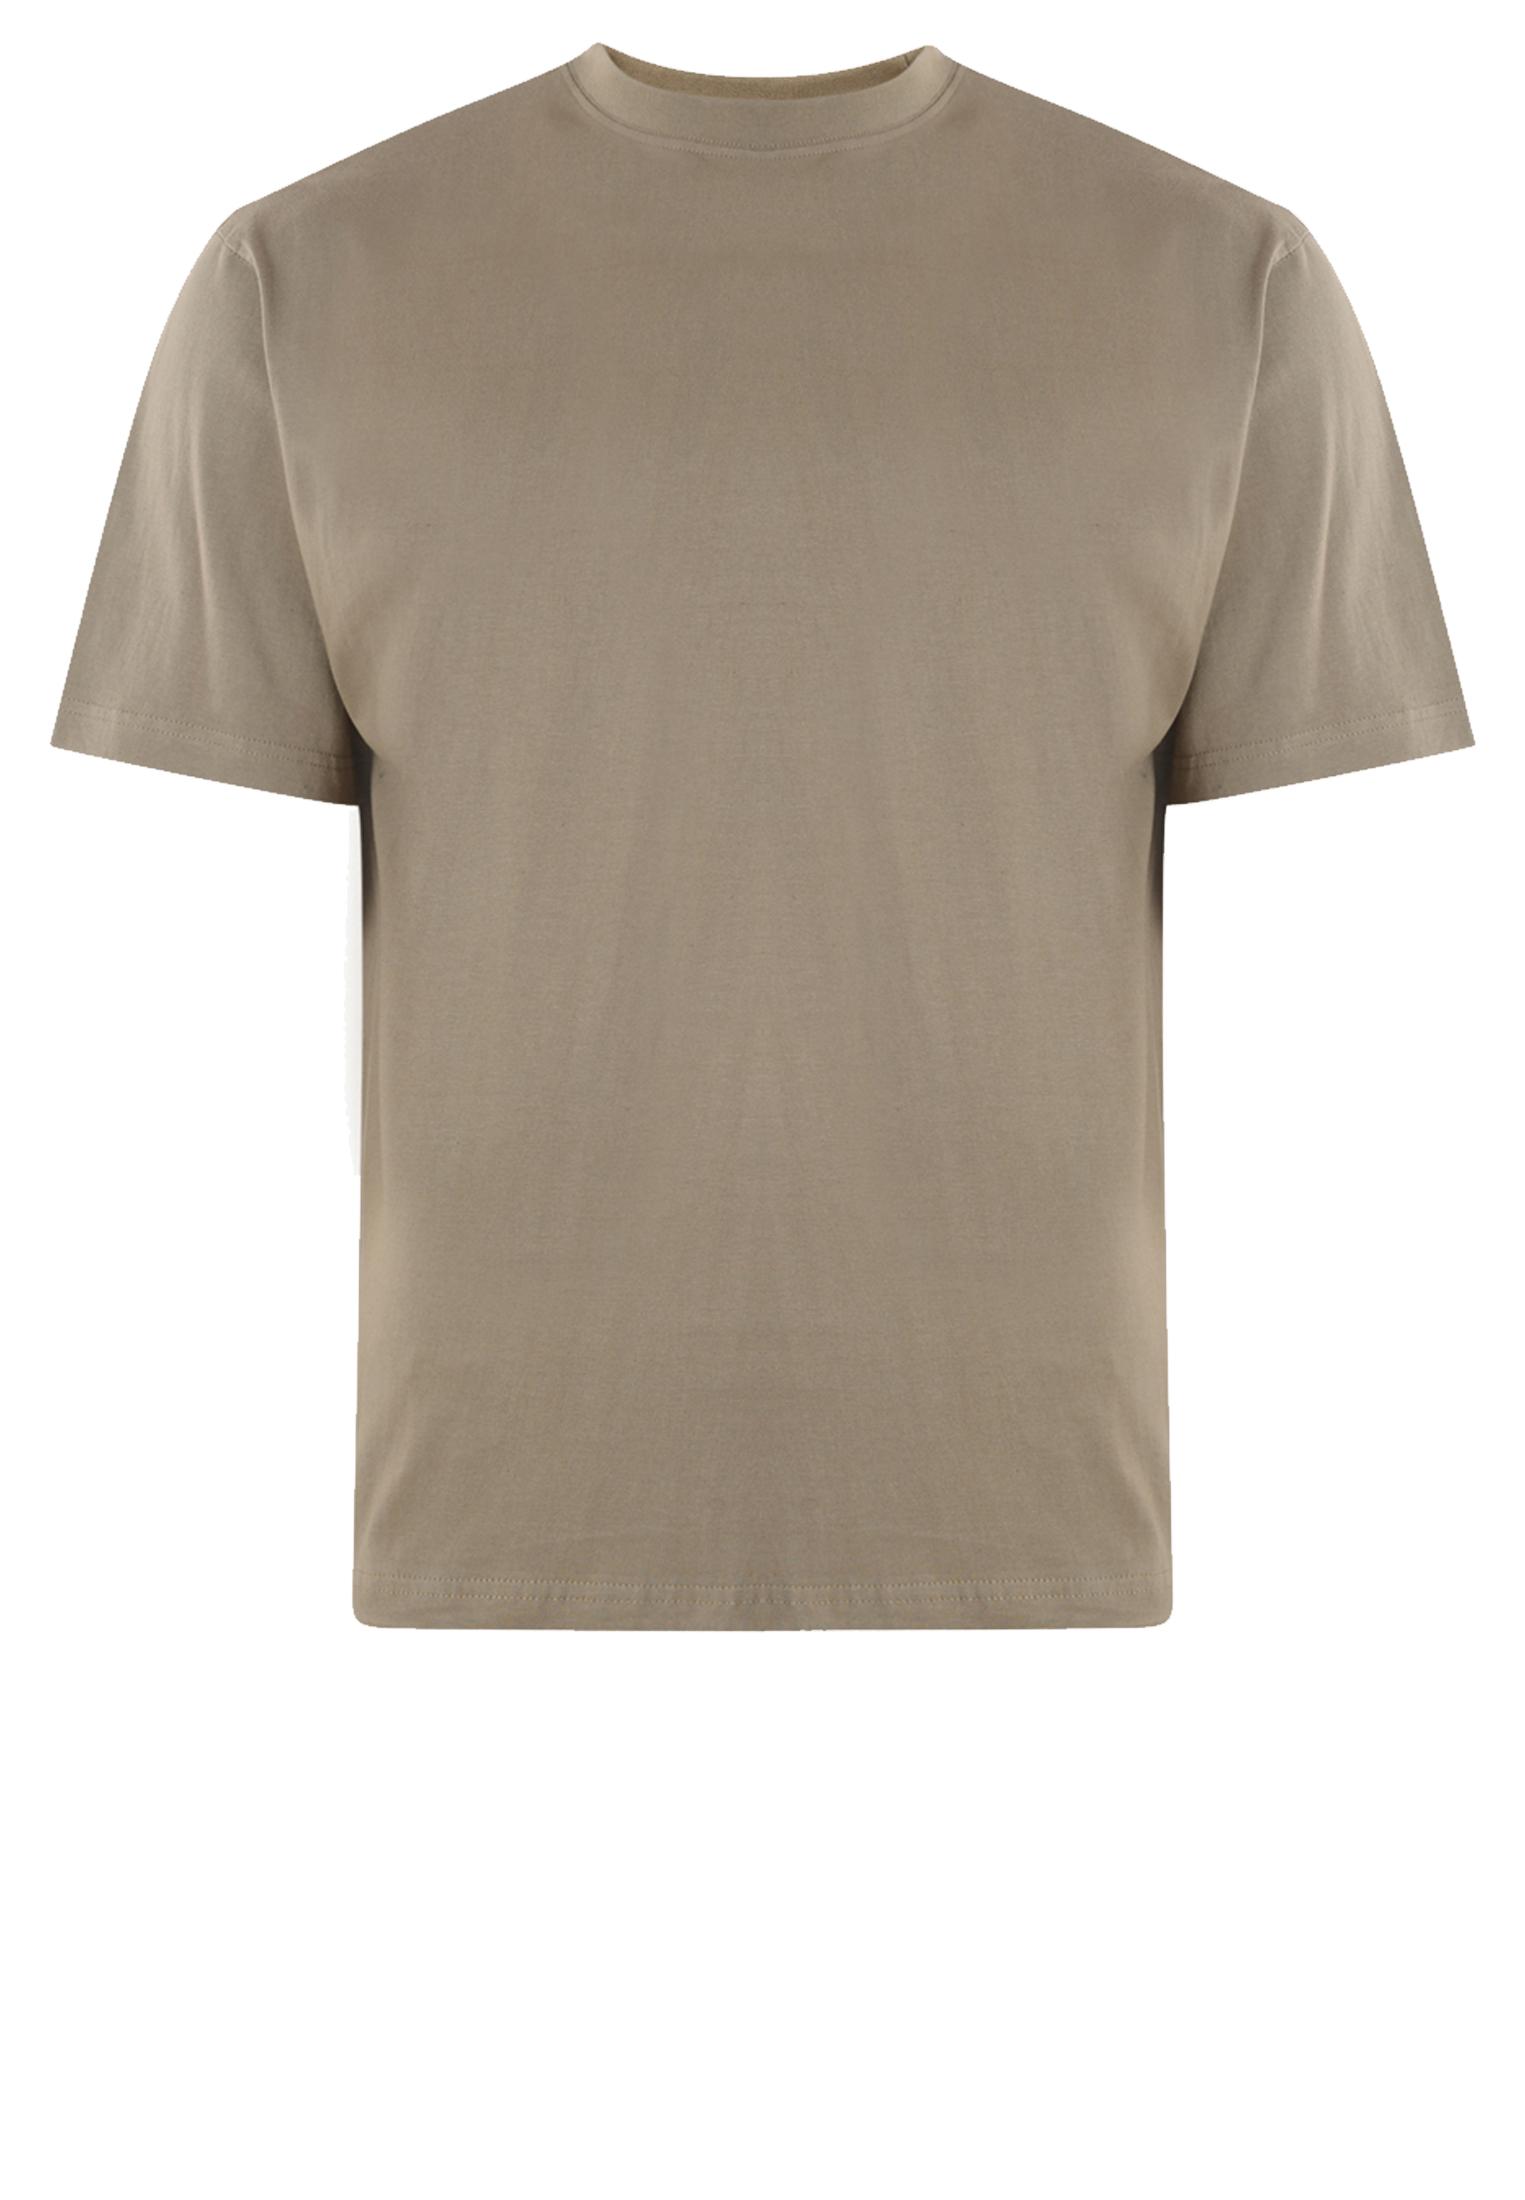 KAM JEANSWEAR effen kleur t-shirt met ronde hals in de kleur olijf groen.